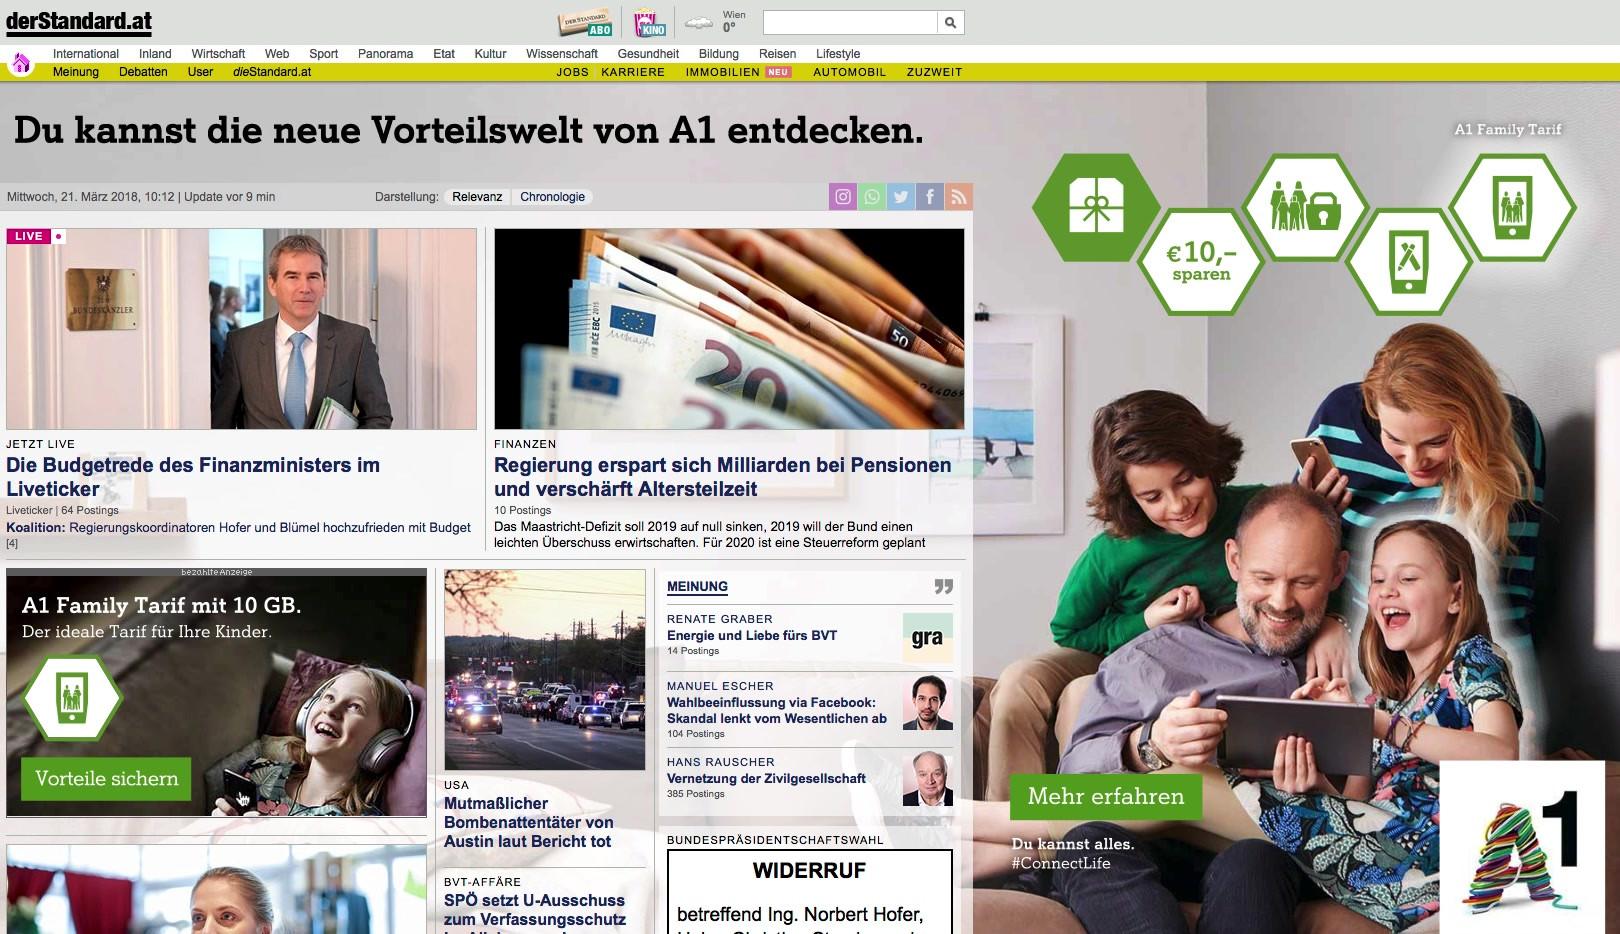 connectplus_derstandardat_sitebranding.m